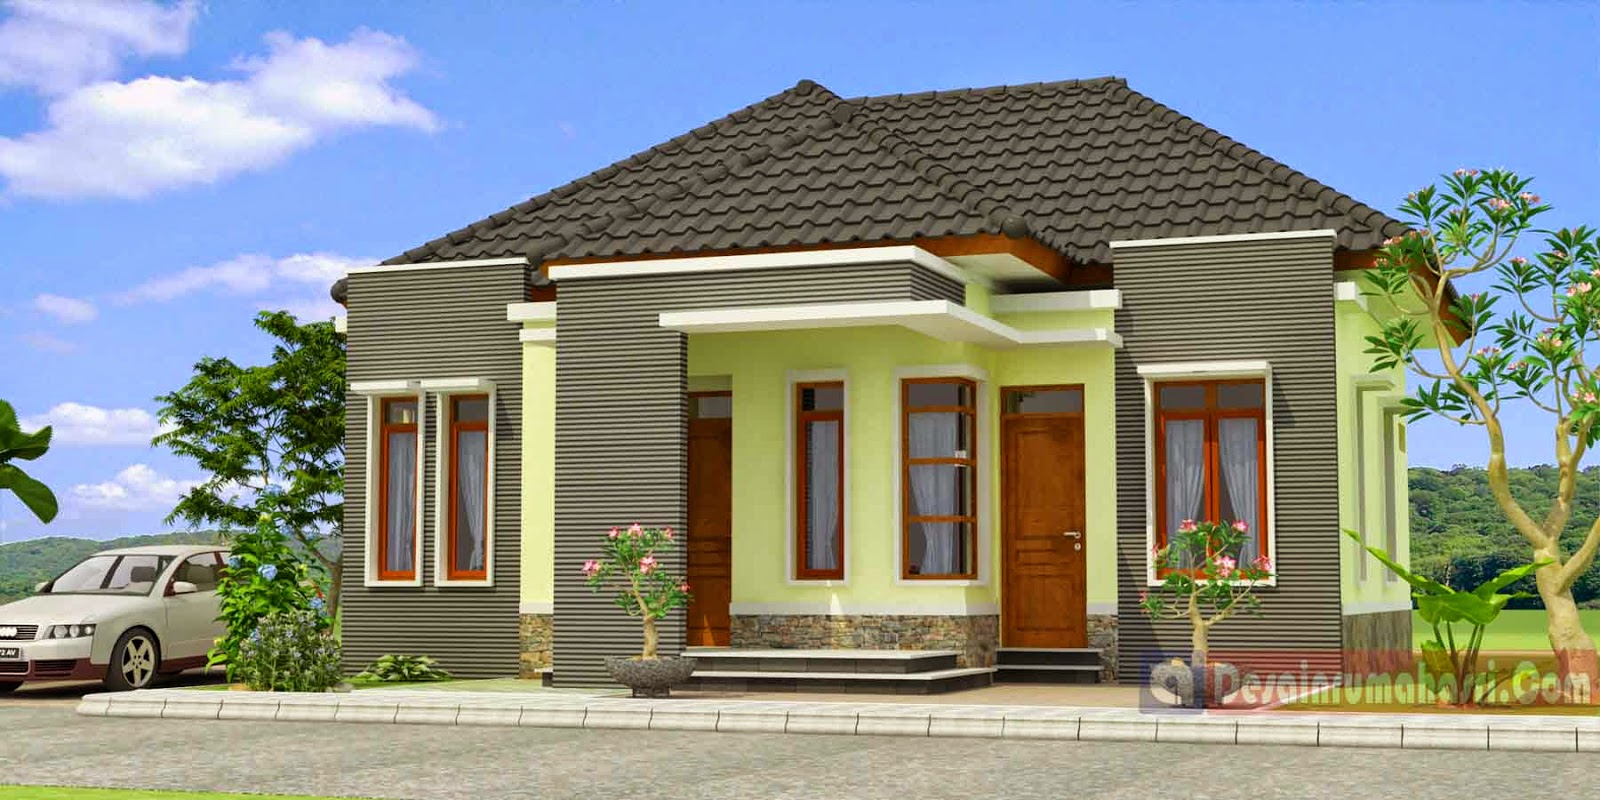 desain rumah sederhana 6x10 & Desain Rumah Sederhana 6x12 | Desain Rumah Minimalis Modern Type